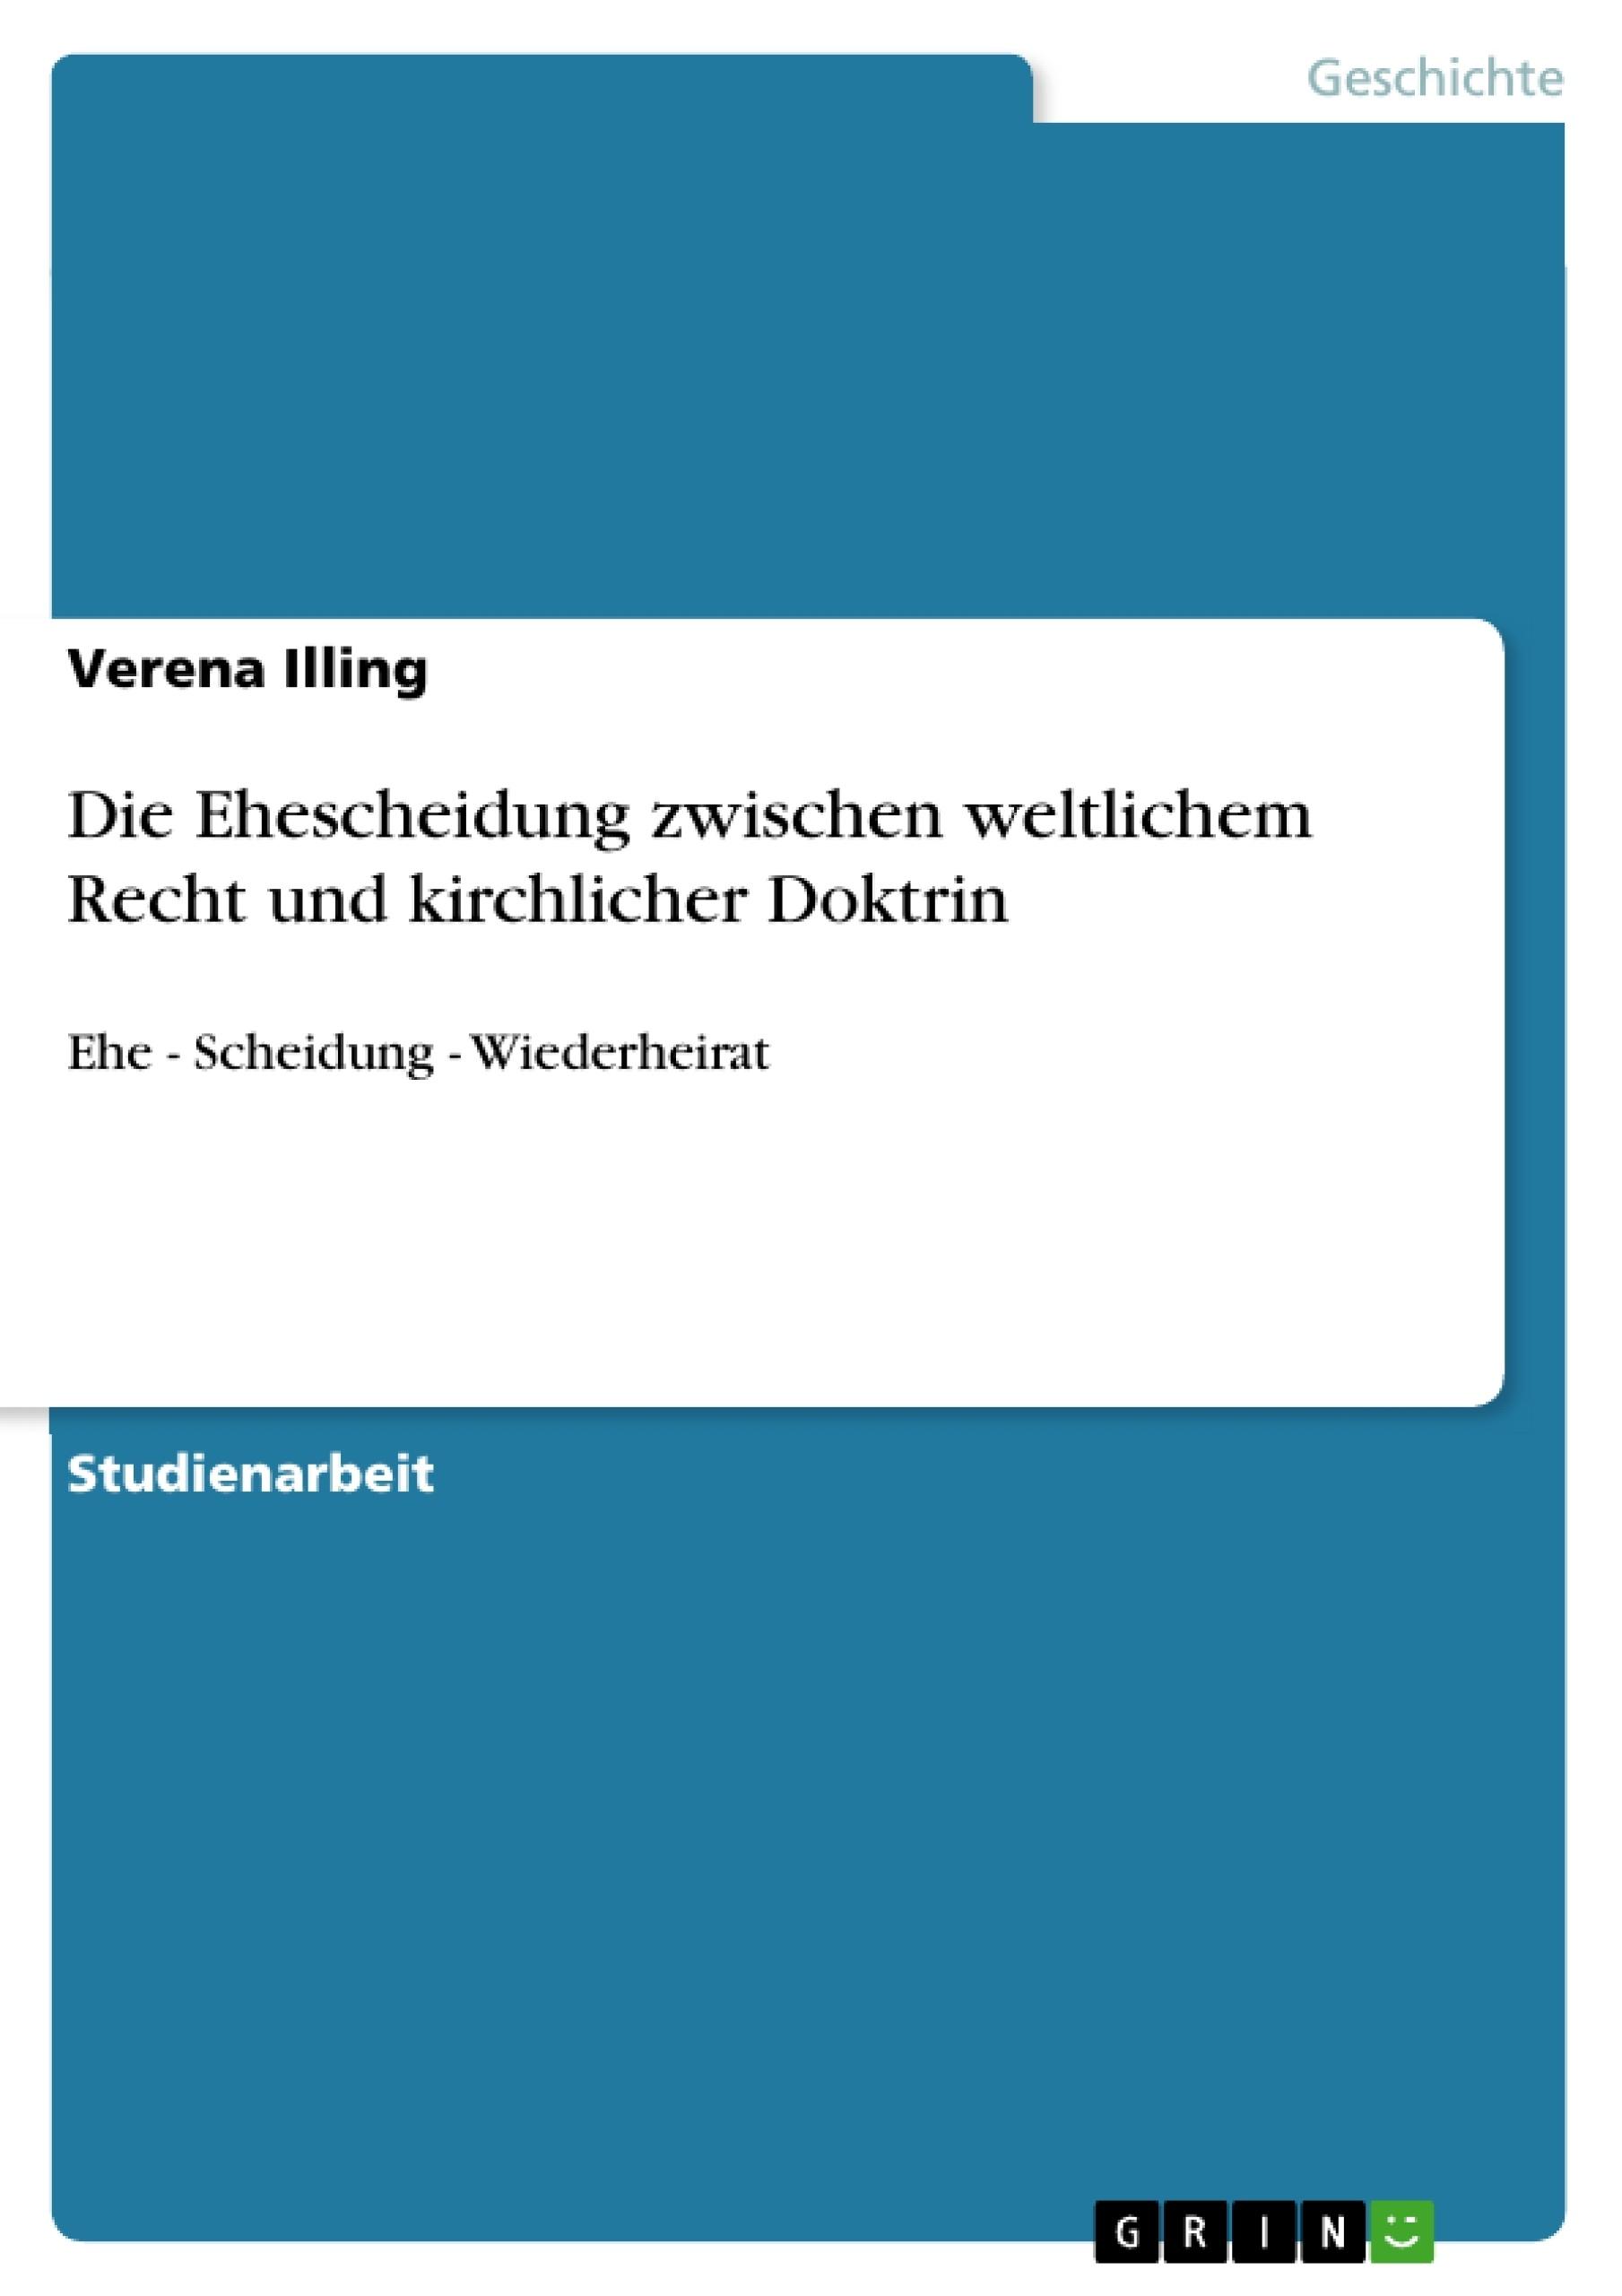 Titel: Die Ehescheidung zwischen weltlichem Recht und kirchlicher Doktrin